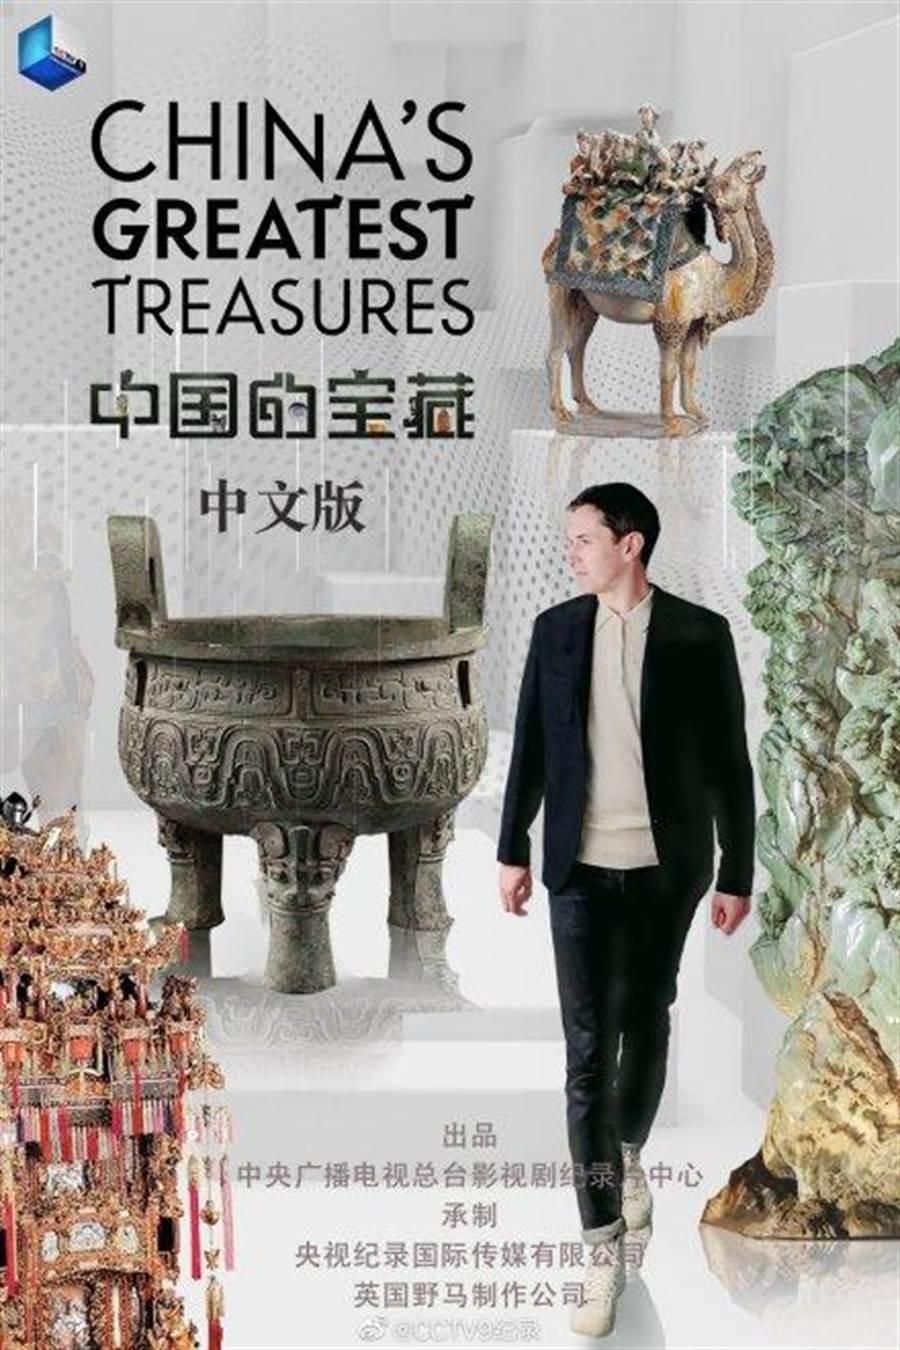 紀錄片《中國的寶藏》是一段尋找文化起源的奇妙之旅。(新浪微博@CCTV9紀錄)